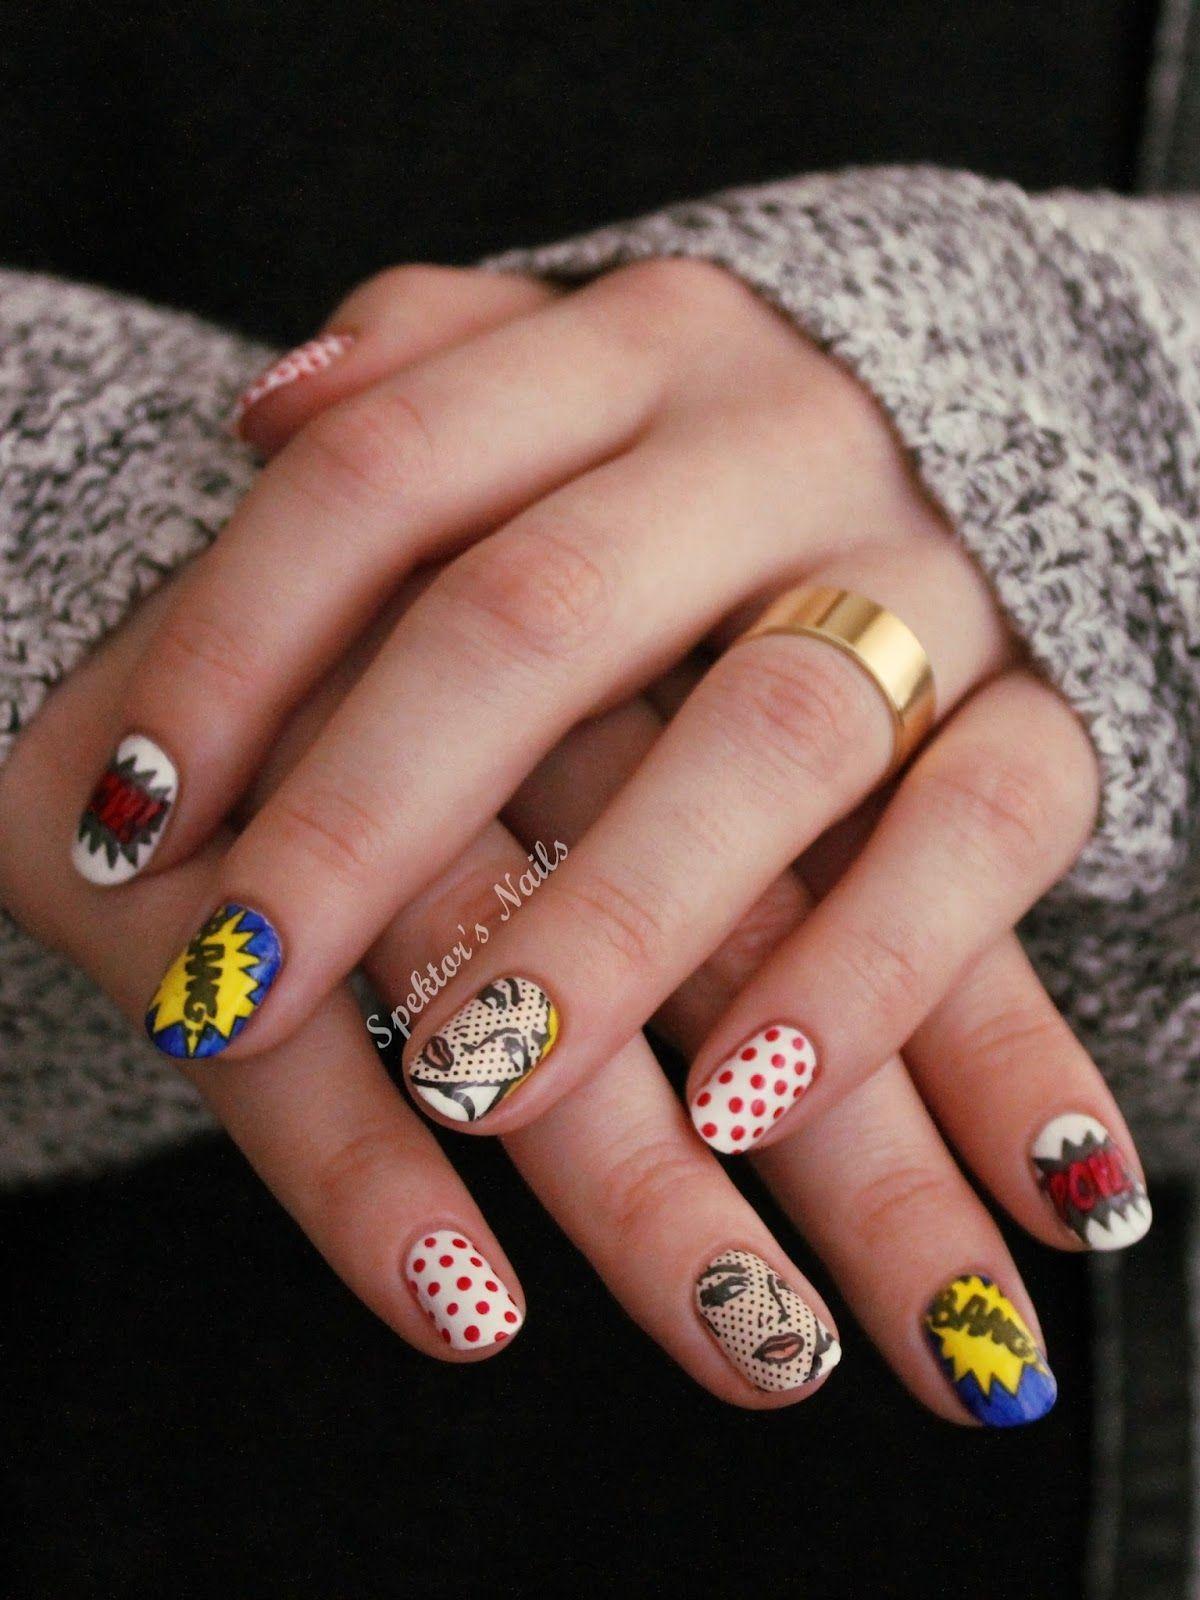 Best Gel Nail Art Designs 2014 | Nail Art | Pinterest | Gel nail art ...